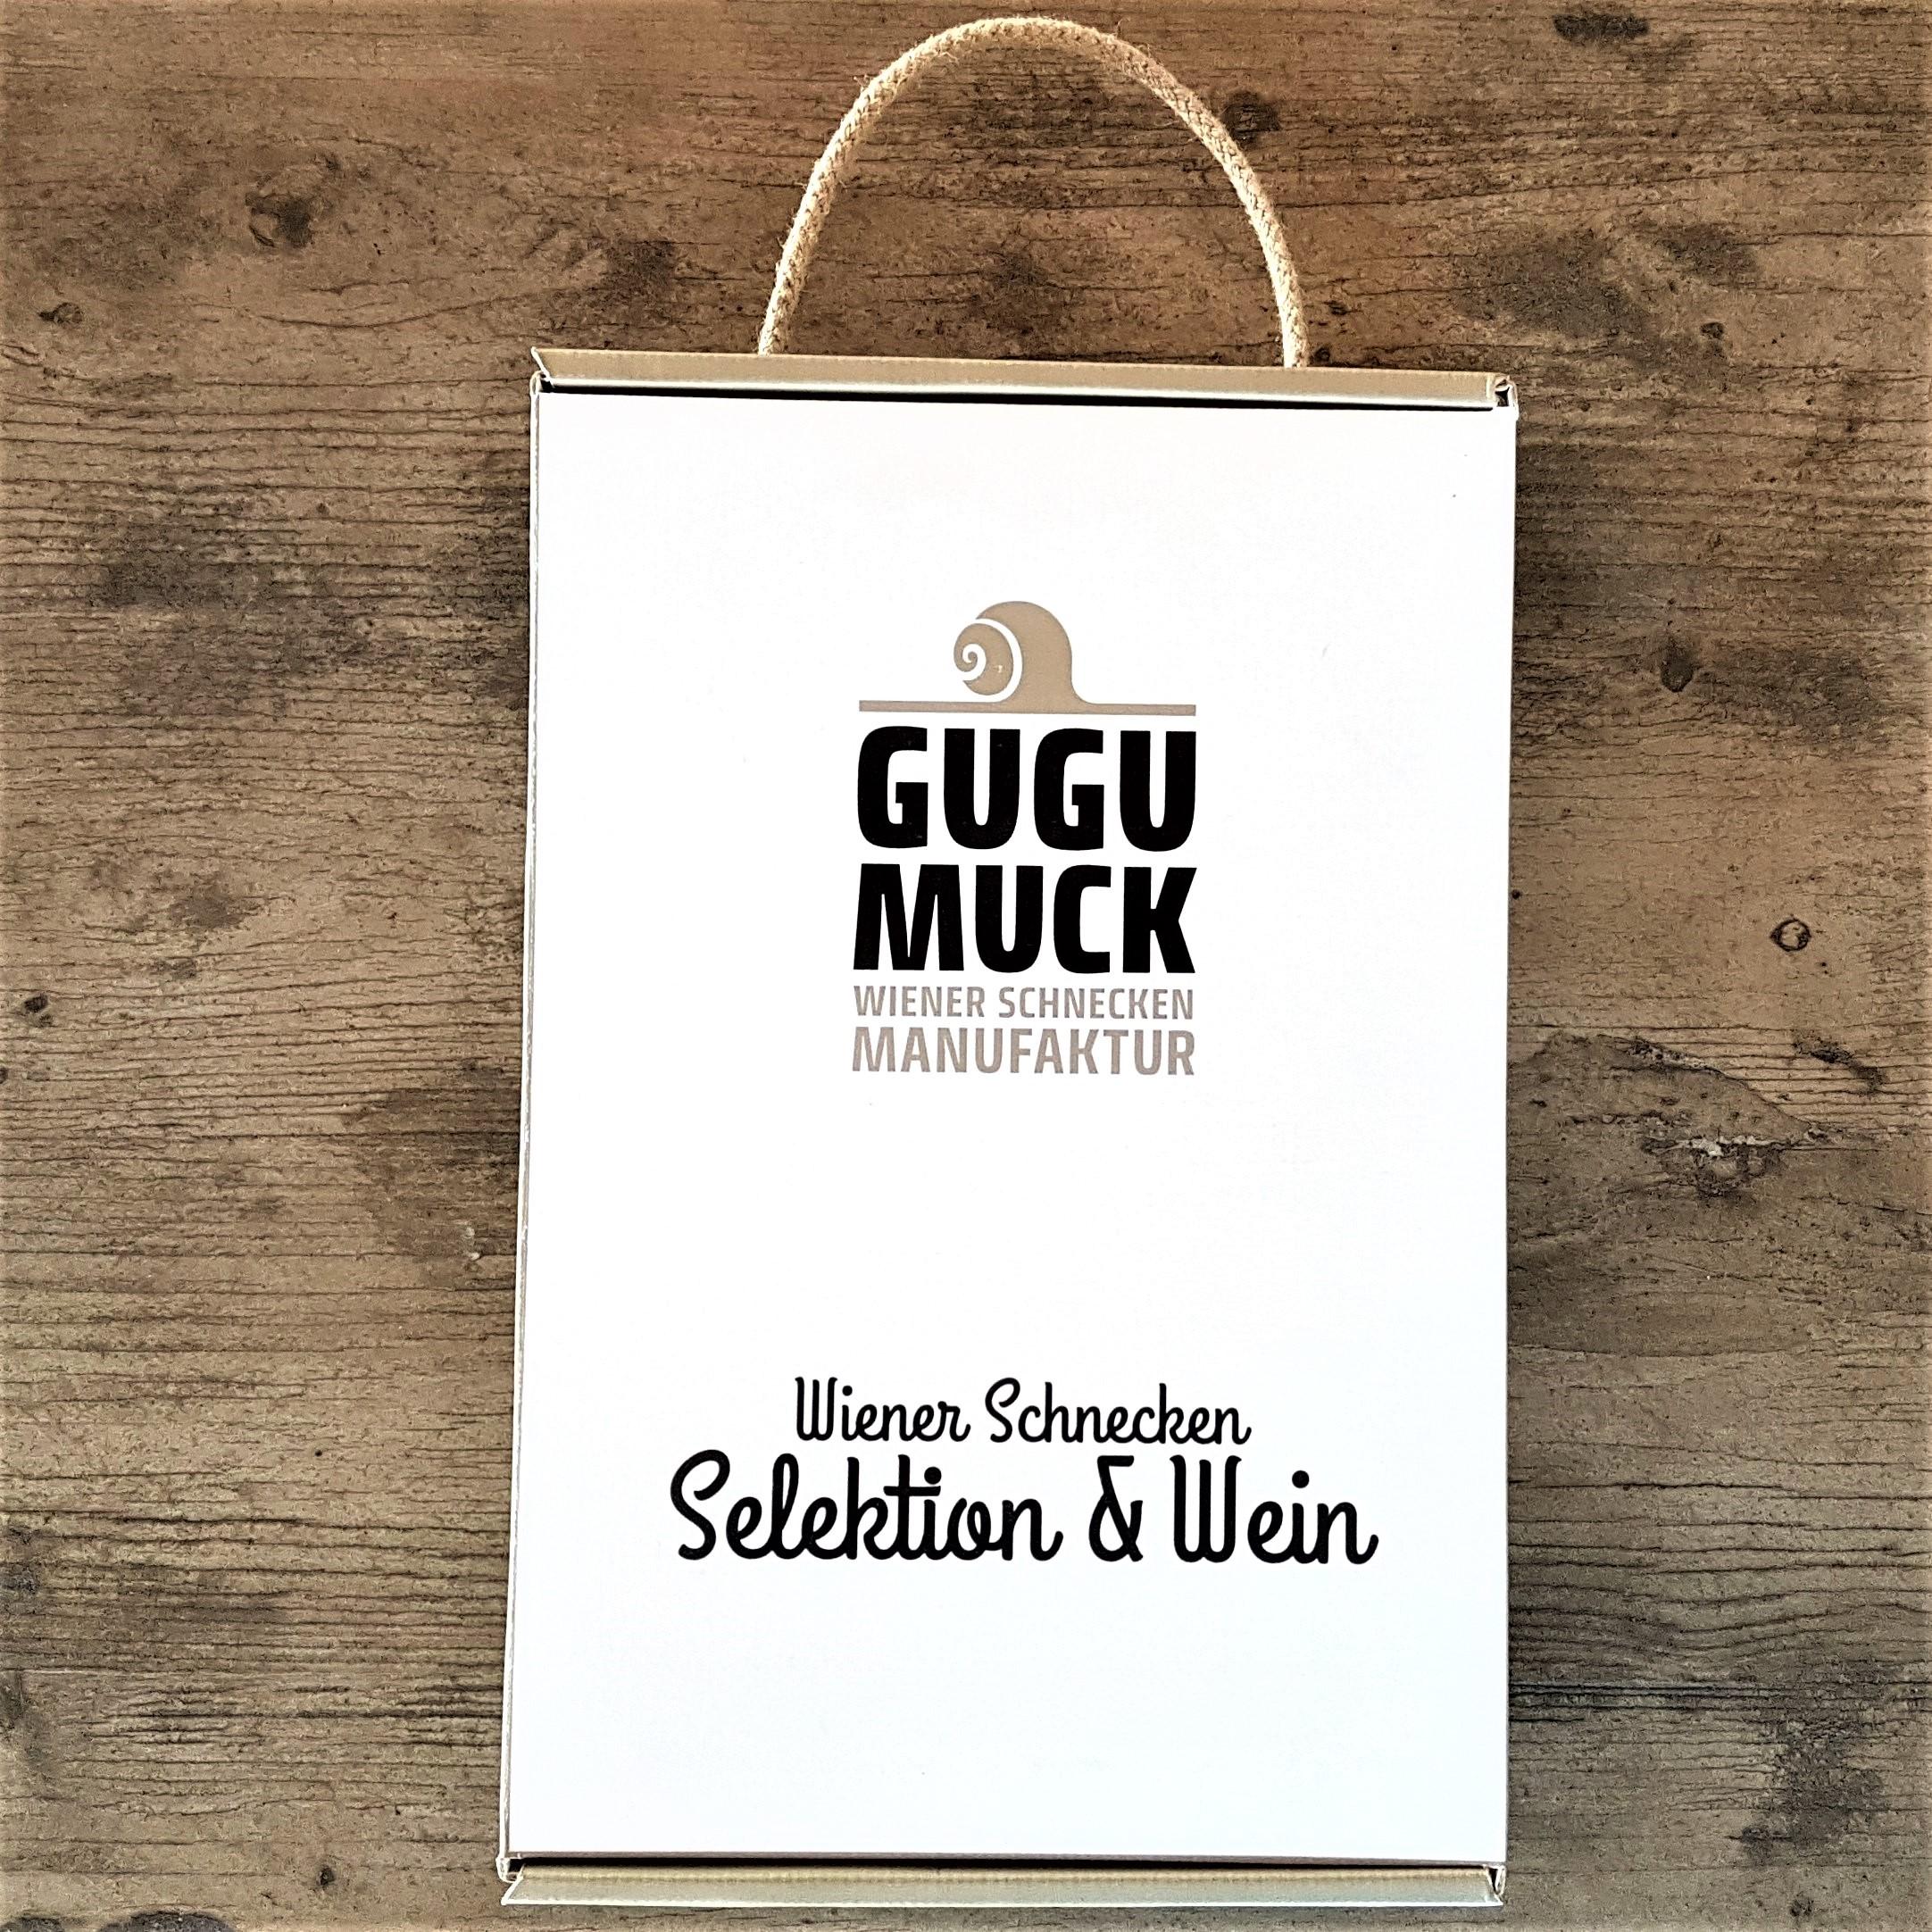 wein_verpackung, Gugumuck Wiener Gemischter Satz vom Nussberg mit einer Selektion von Escargot-Delikatessen, Weinbergschnecken